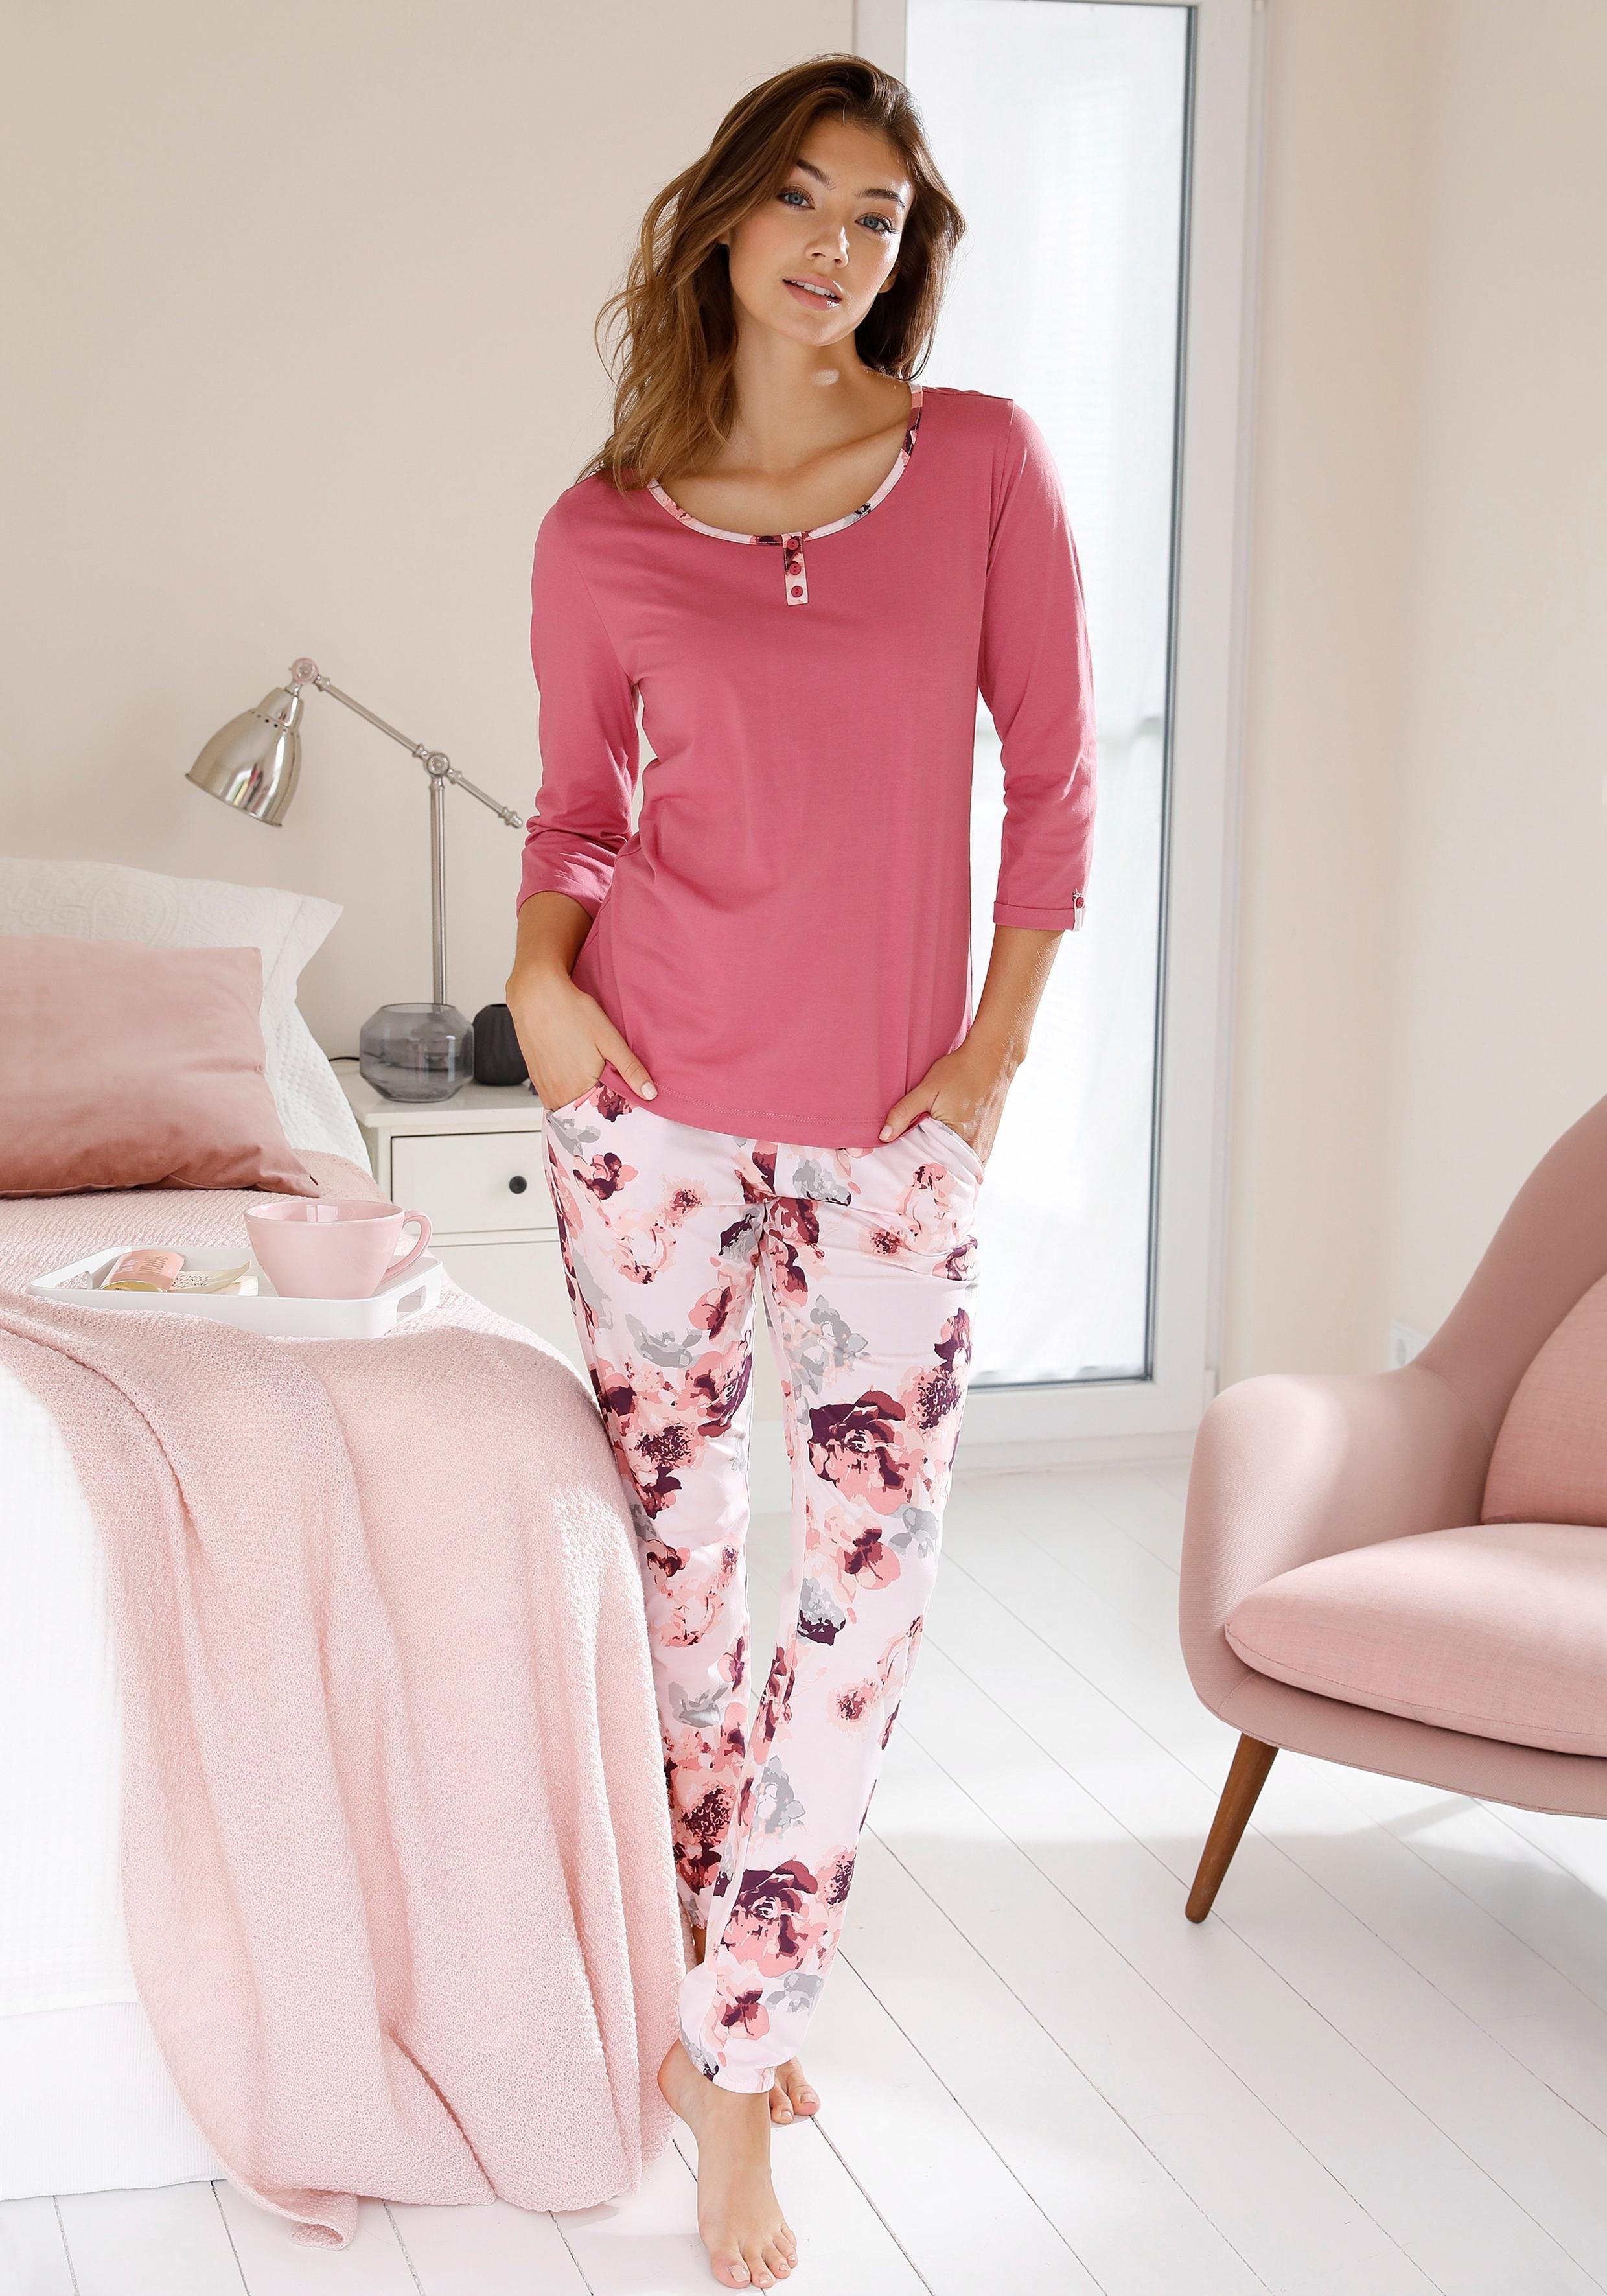 Vivance Collection Vivance Dreams pyjama met aquarel-bloemenprint goedkoop op lascana.nl kopen